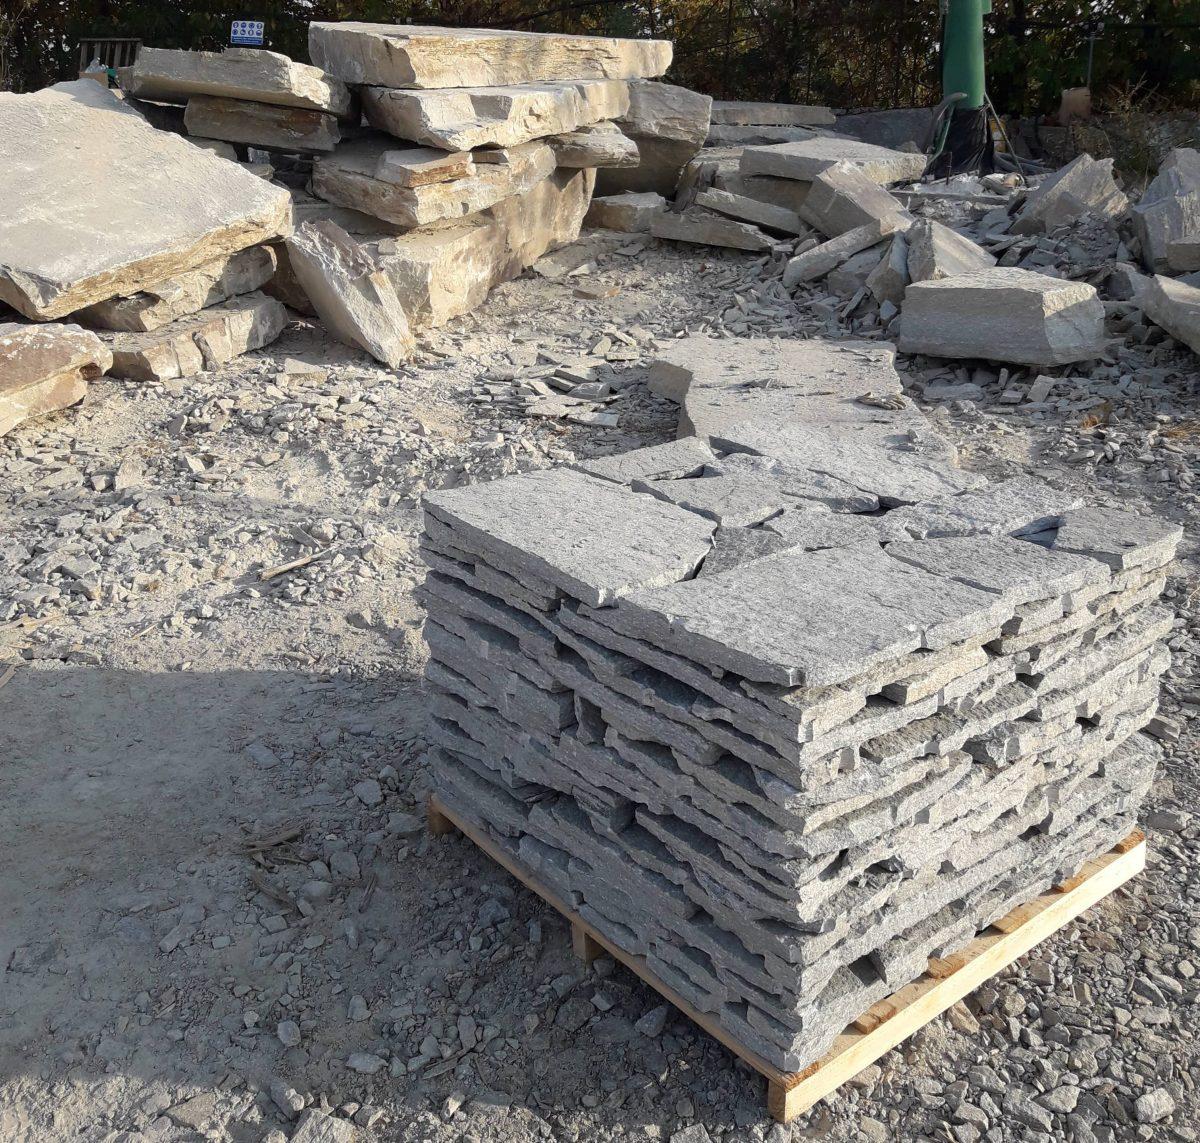 Varie lavorazioni pietra di luserna pelganta giorgio for Piani di fattoria in pietra